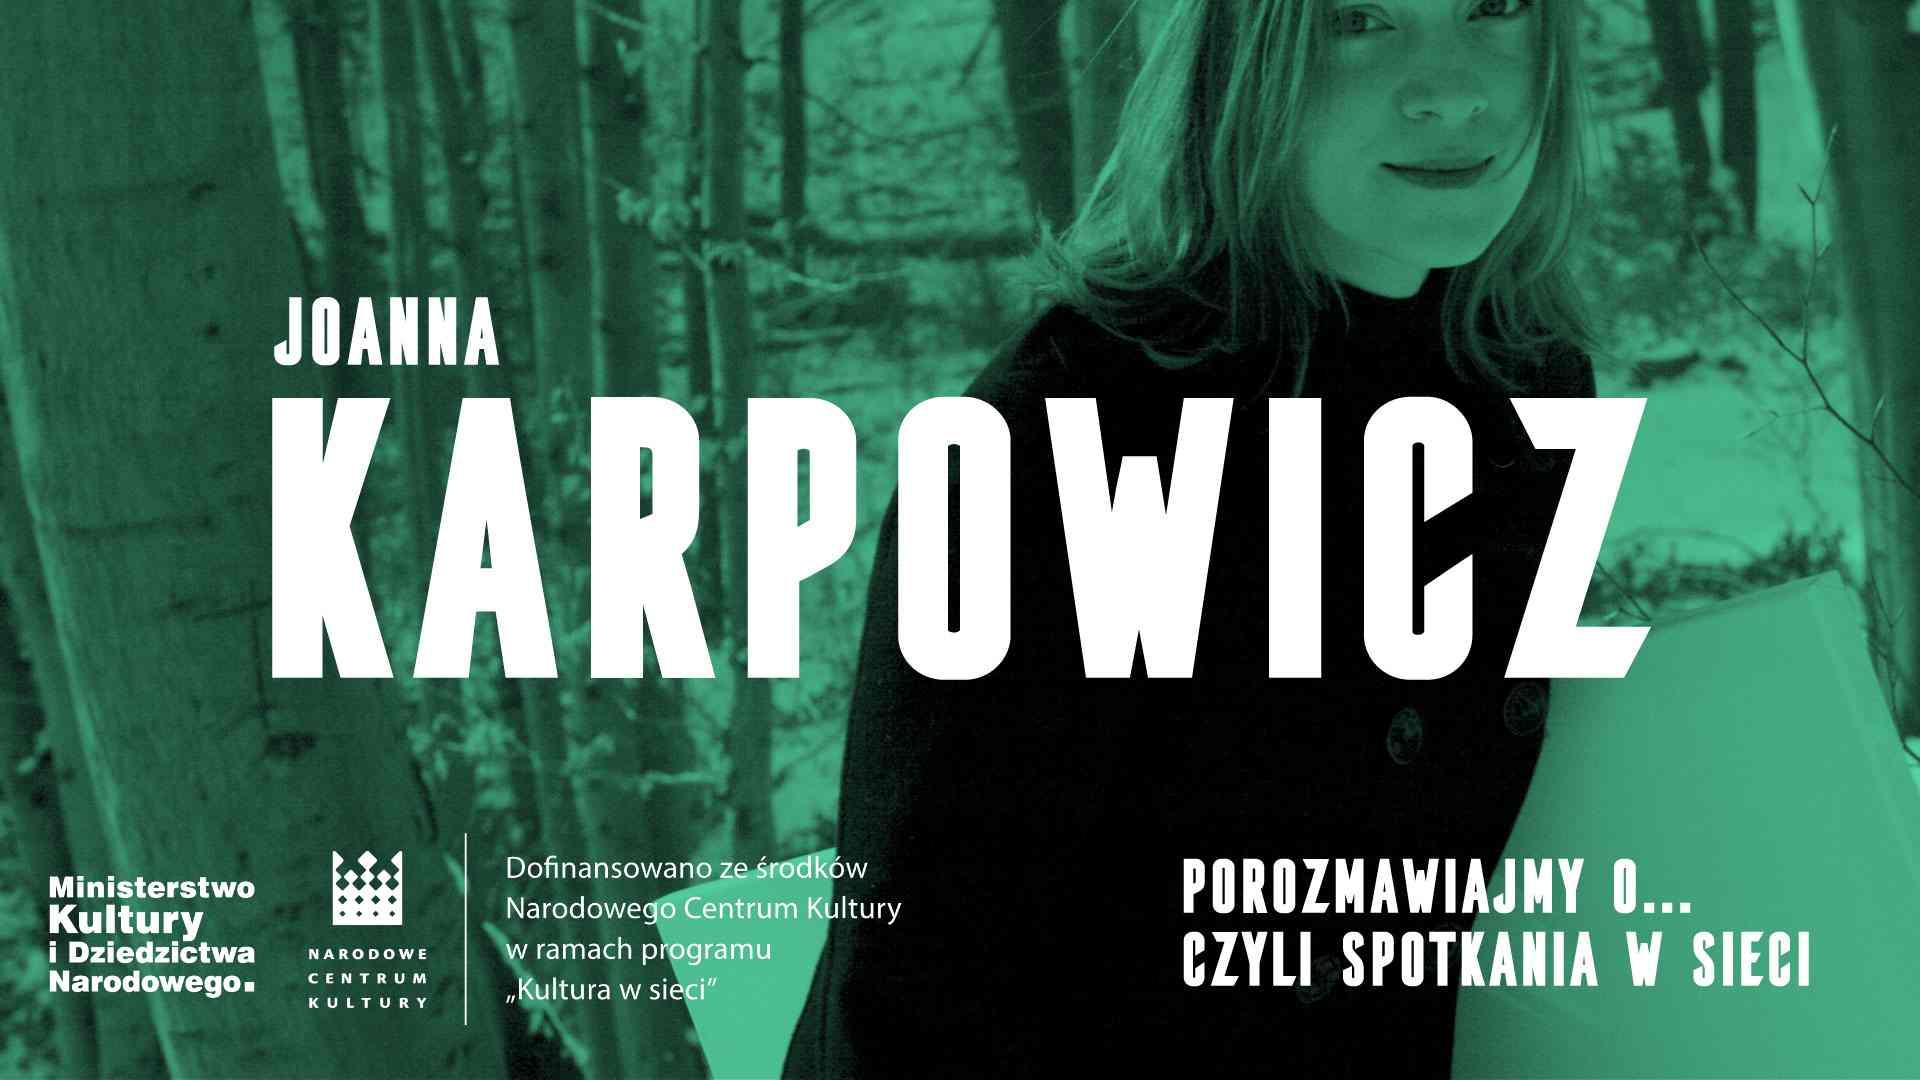 Porozmawiajmy o… czyli spotkania w sieci. Joanna Karpowicz